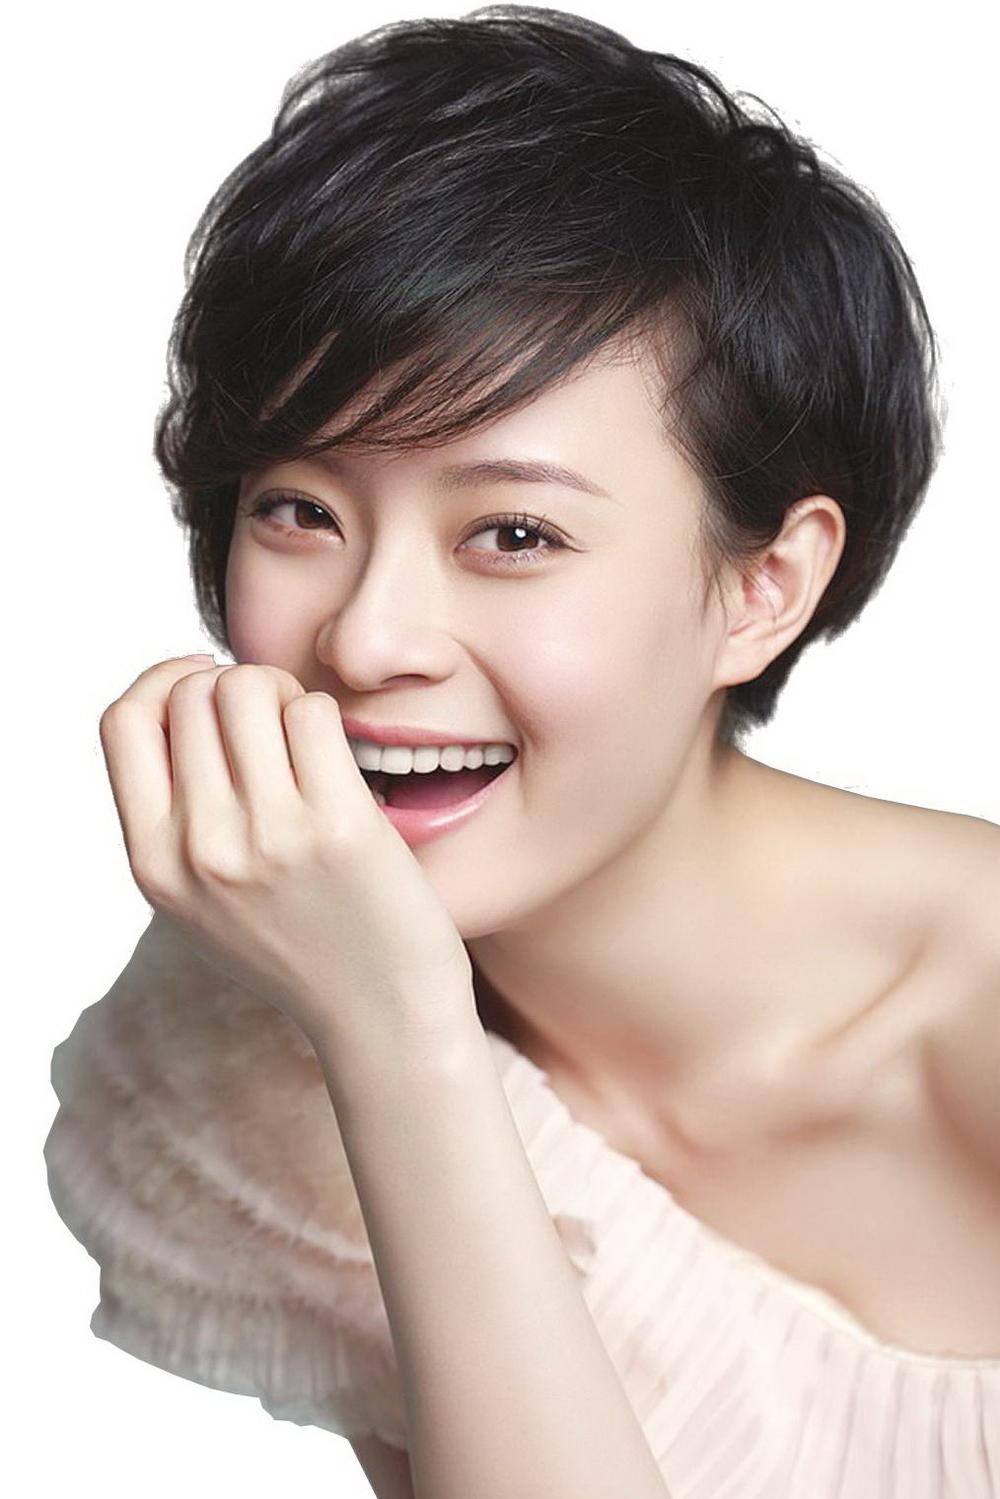 Top 3 sao nữ Hoa ngữ có thu nhập cao nhất: Triệu Lệ Dĩnh bất ngờ vượt mặt Tôn Lệ, Triệu Vy đứng đầu với con số bất ngờ - Ảnh 1